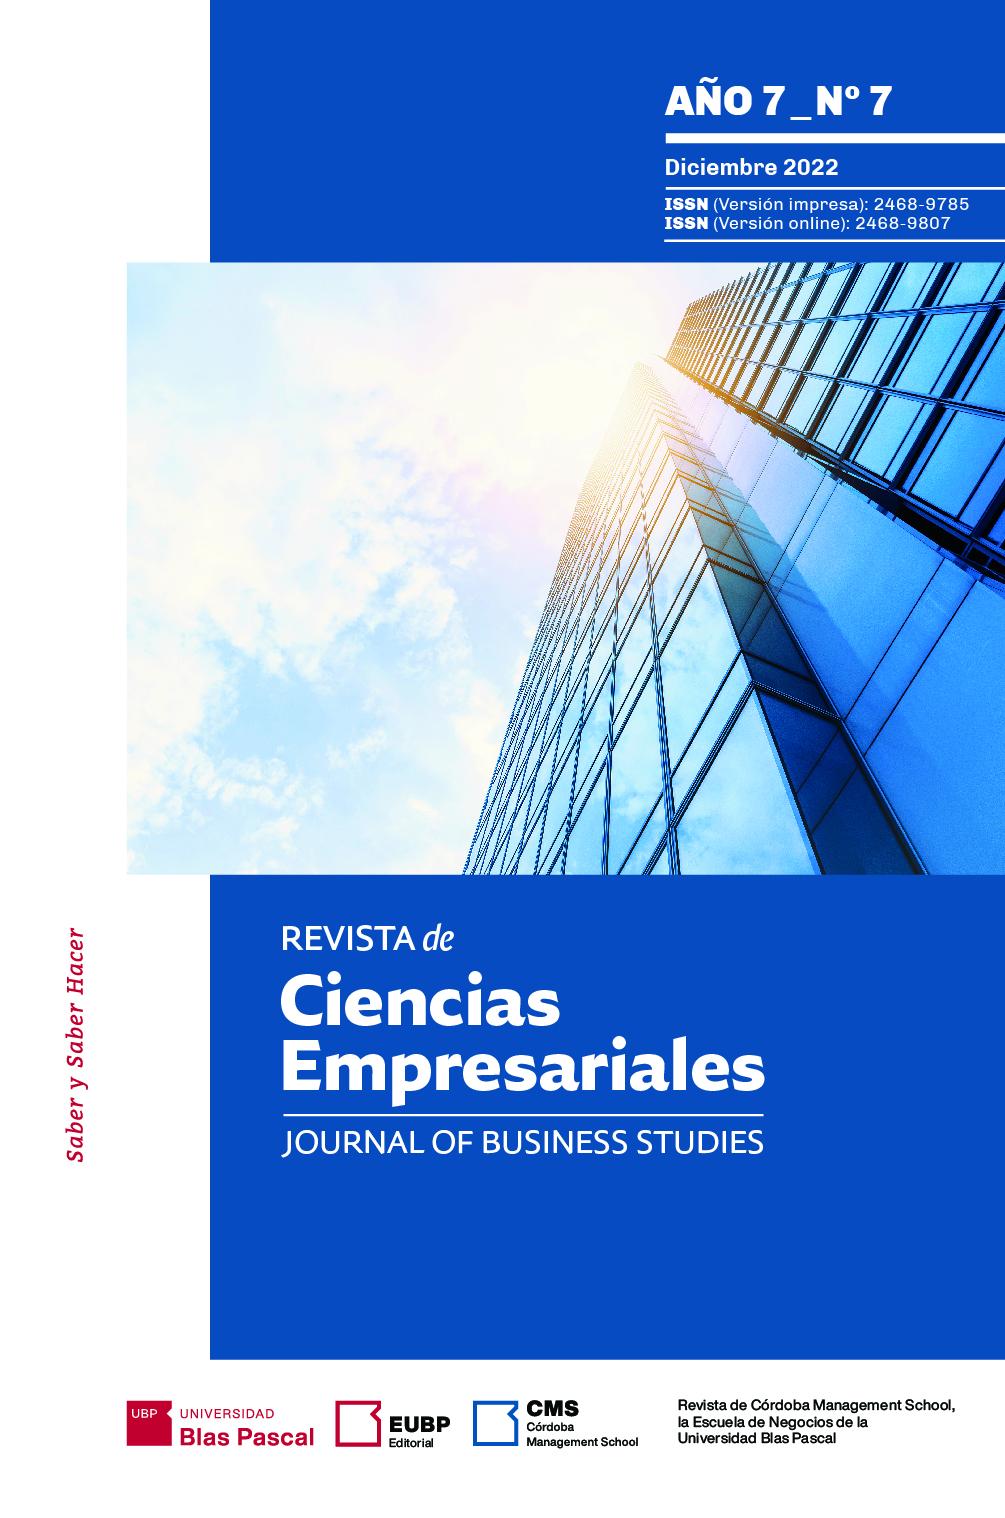 Revista de Ciencias Empresariales